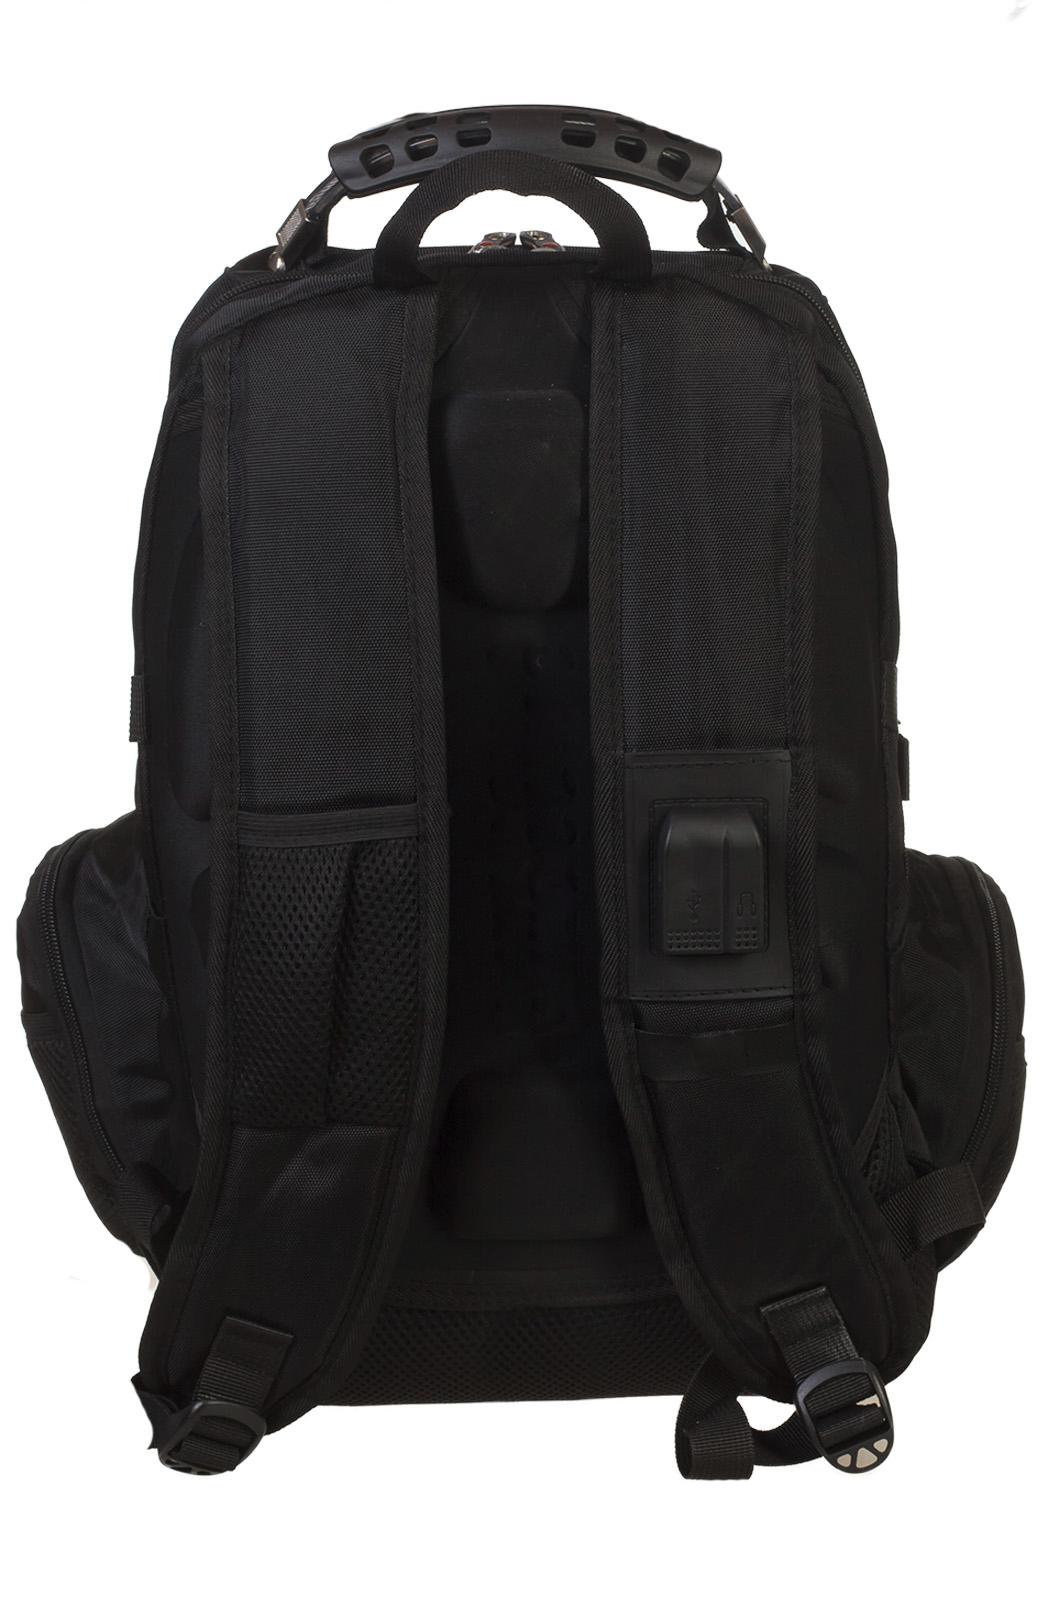 Надежный вместительный рюкзак с нашивкой ФССП - заказать с доставкой